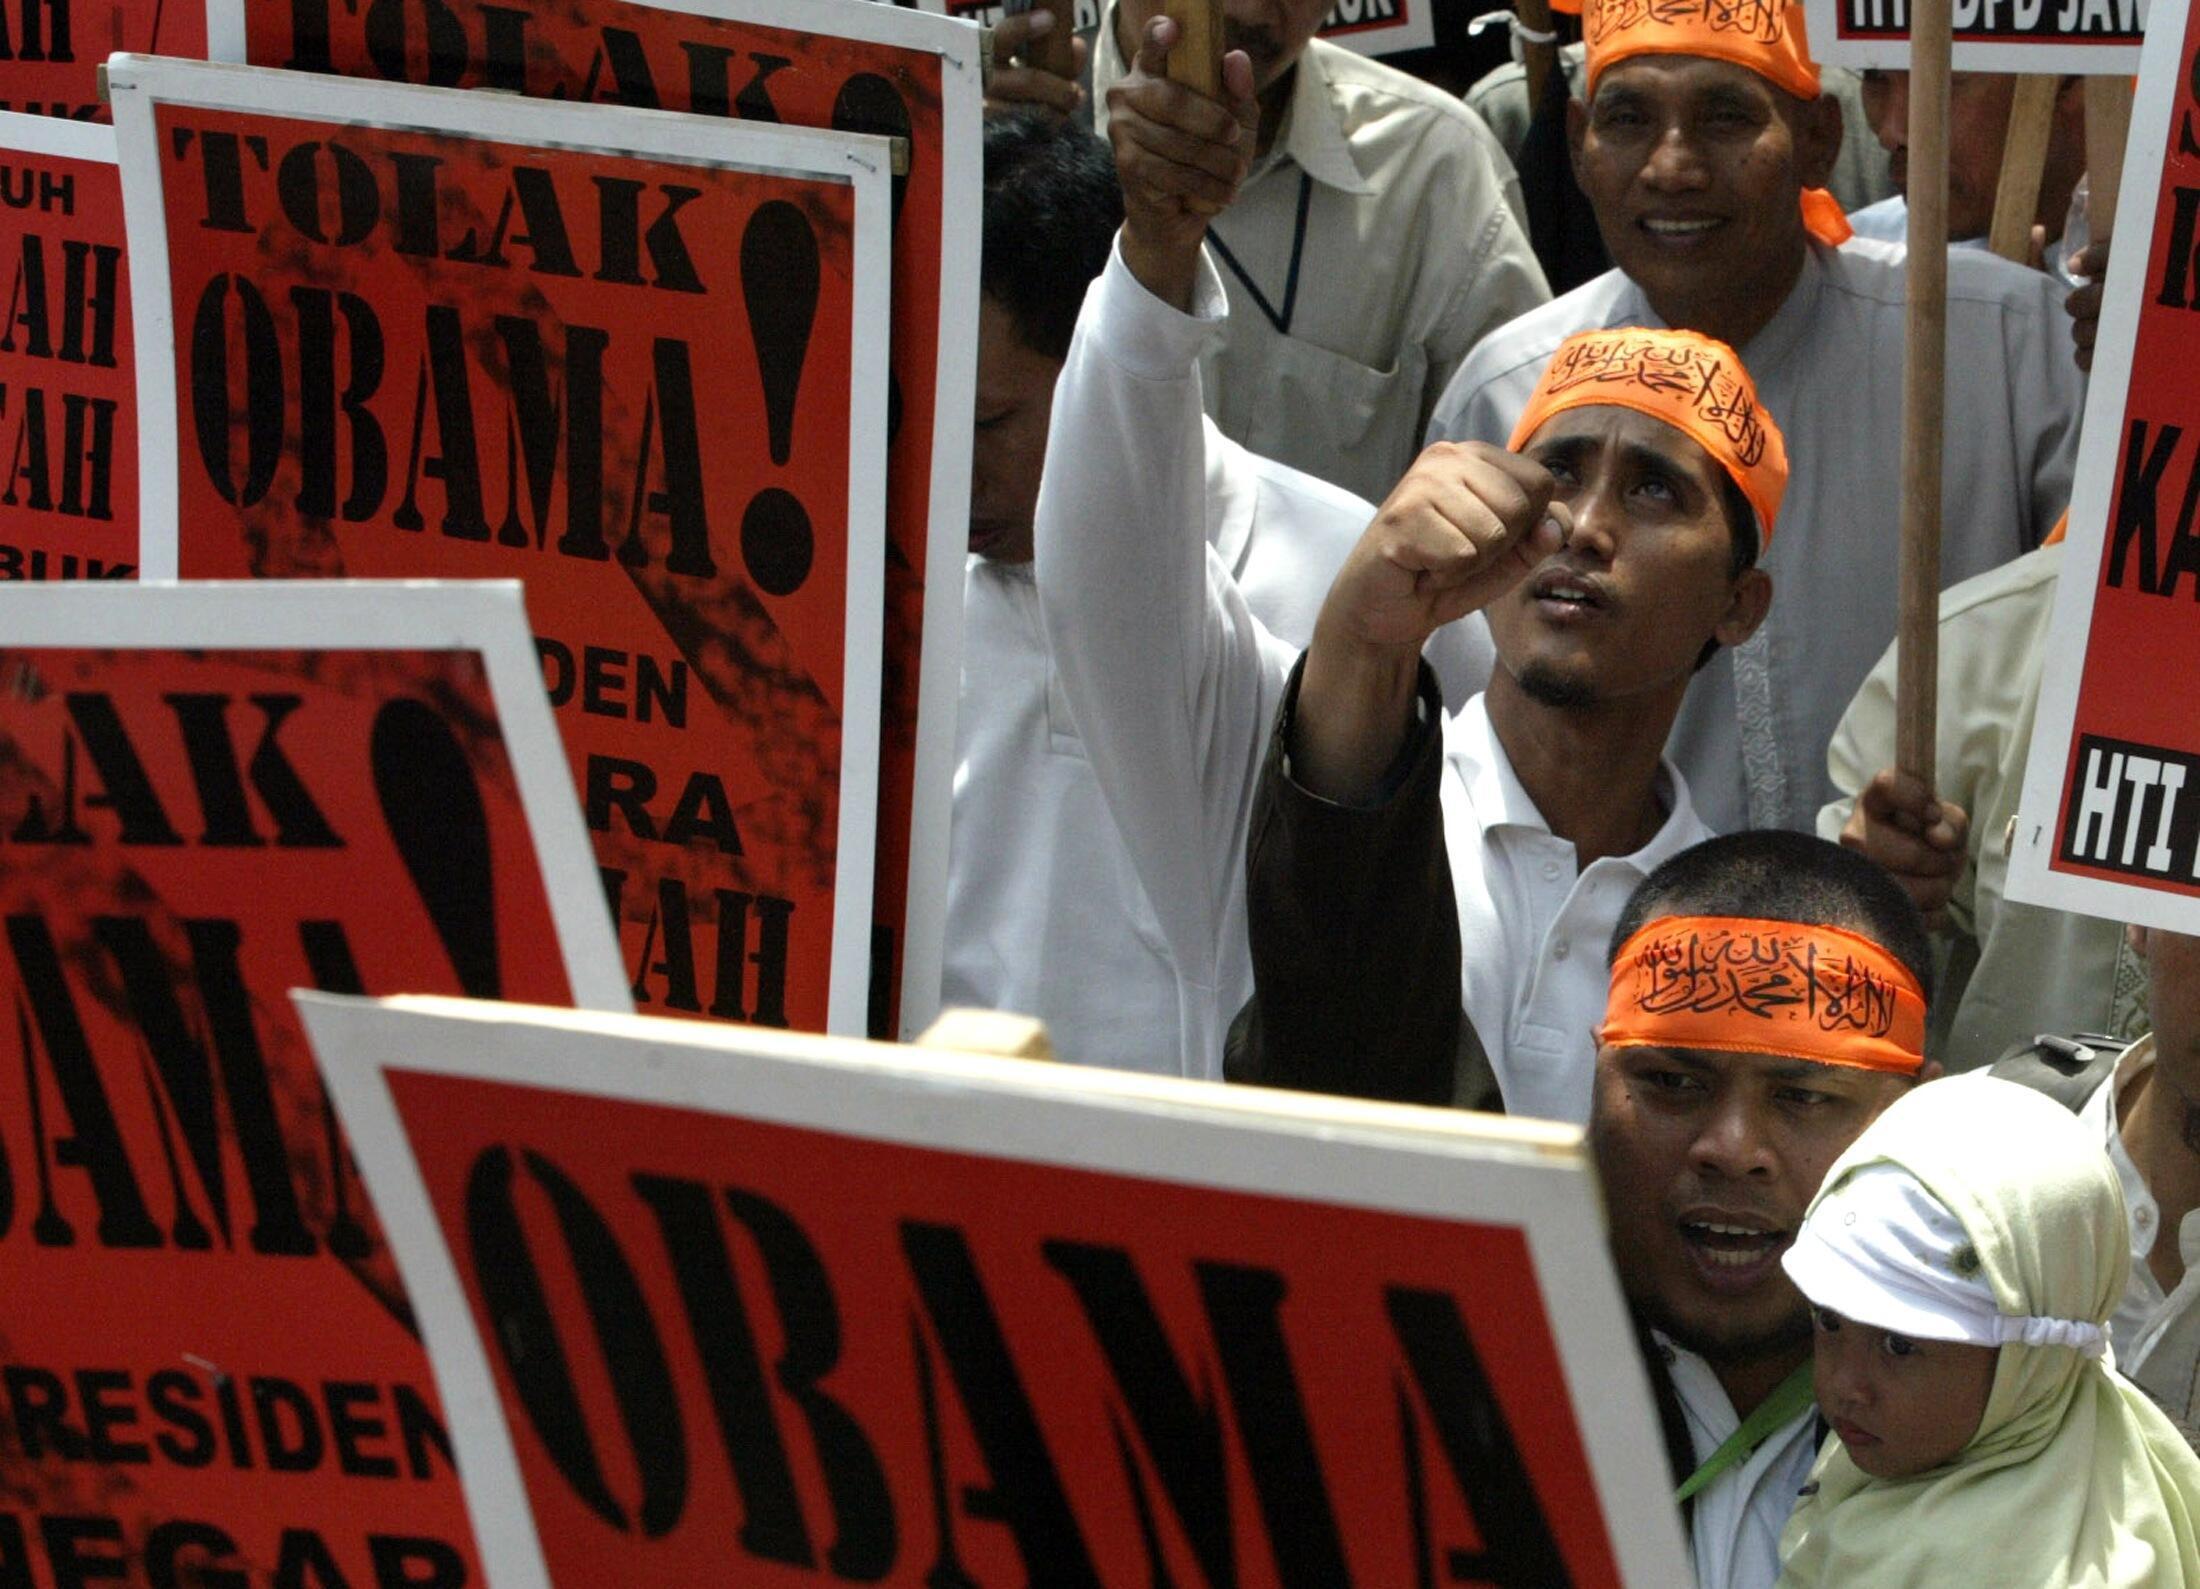 Các thành viên nhóm Hồi giáo Hizbut Tahrir Indonesia biểu tình tại Surab, ngày 14/03/2010, phản đối chuyến thăm của tổng thống Mỹ Obama